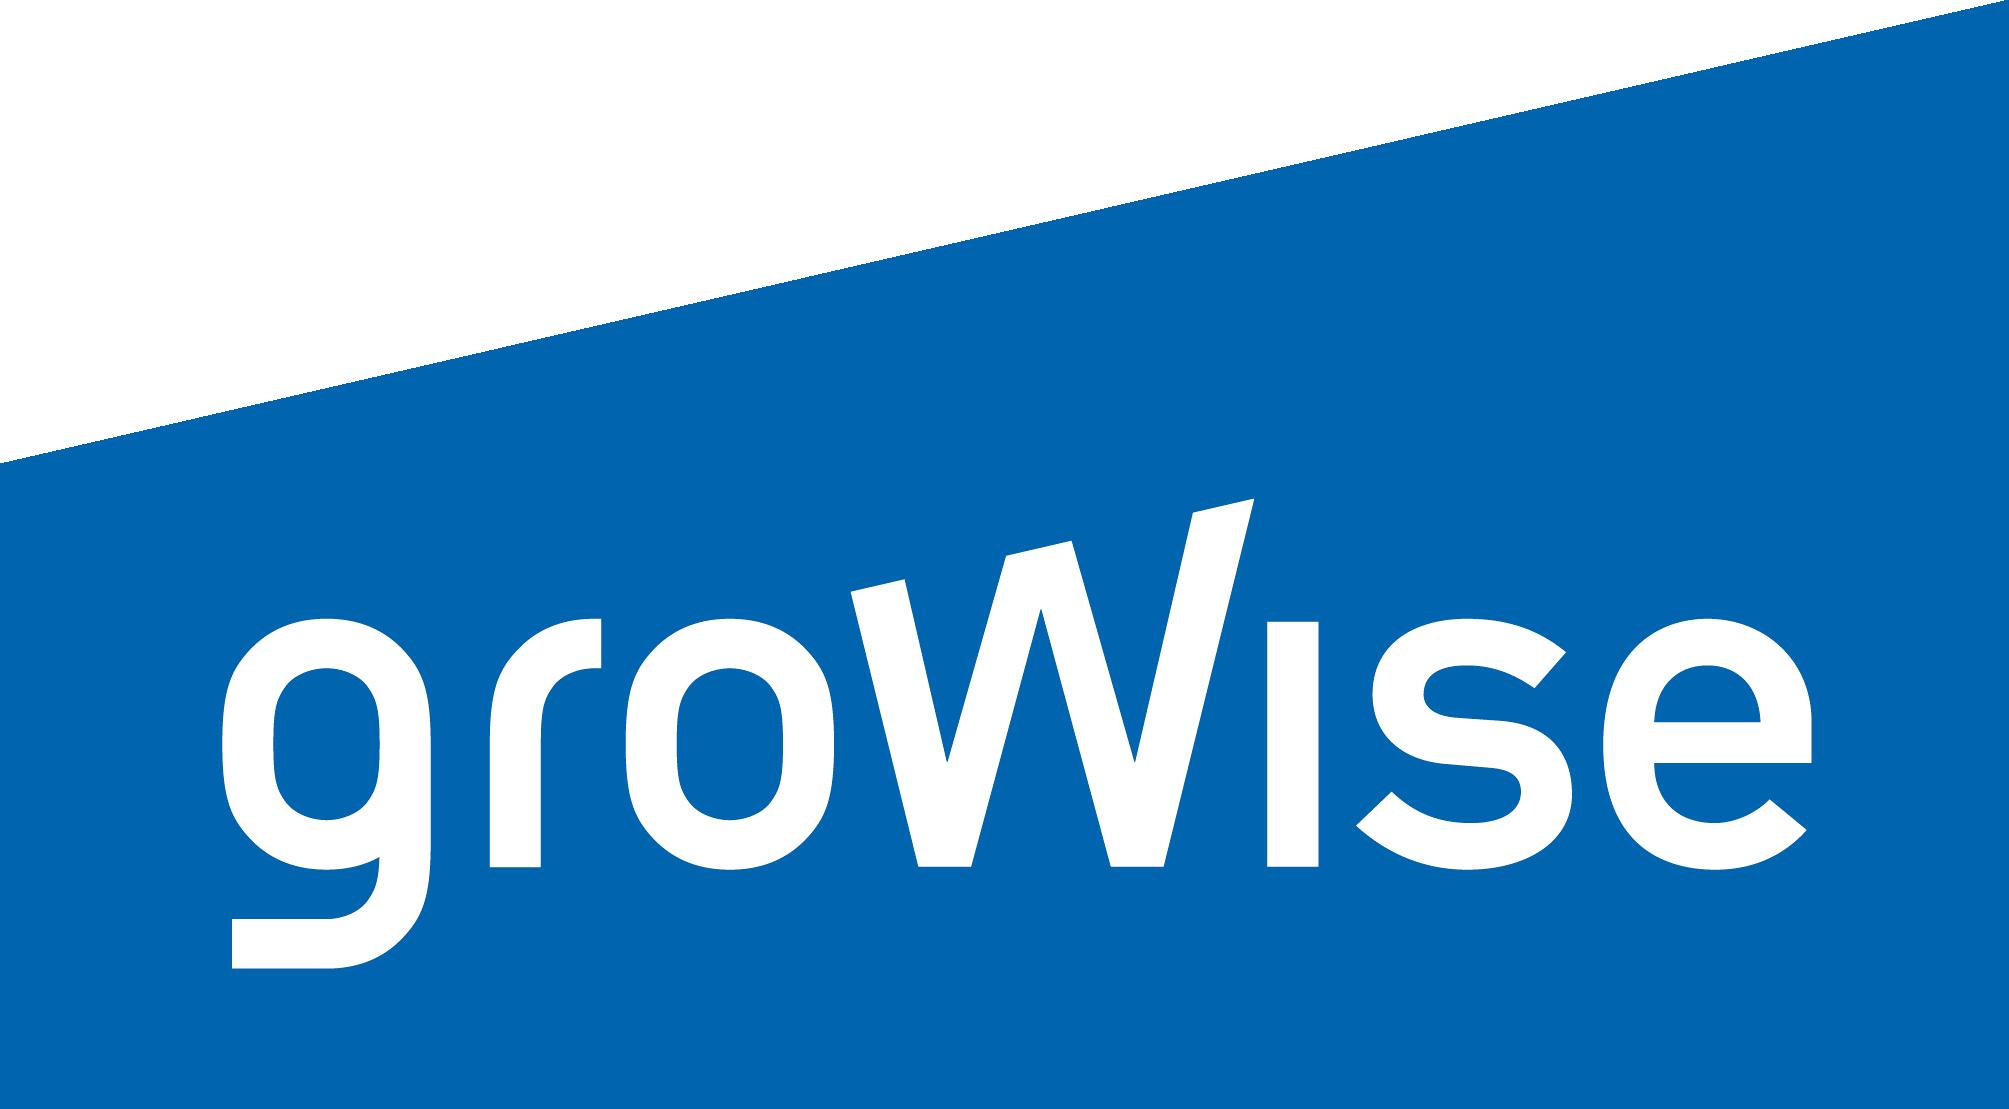 1v9yqqwrt4sr6ajiqeyw growise logo i bla lutande ruta